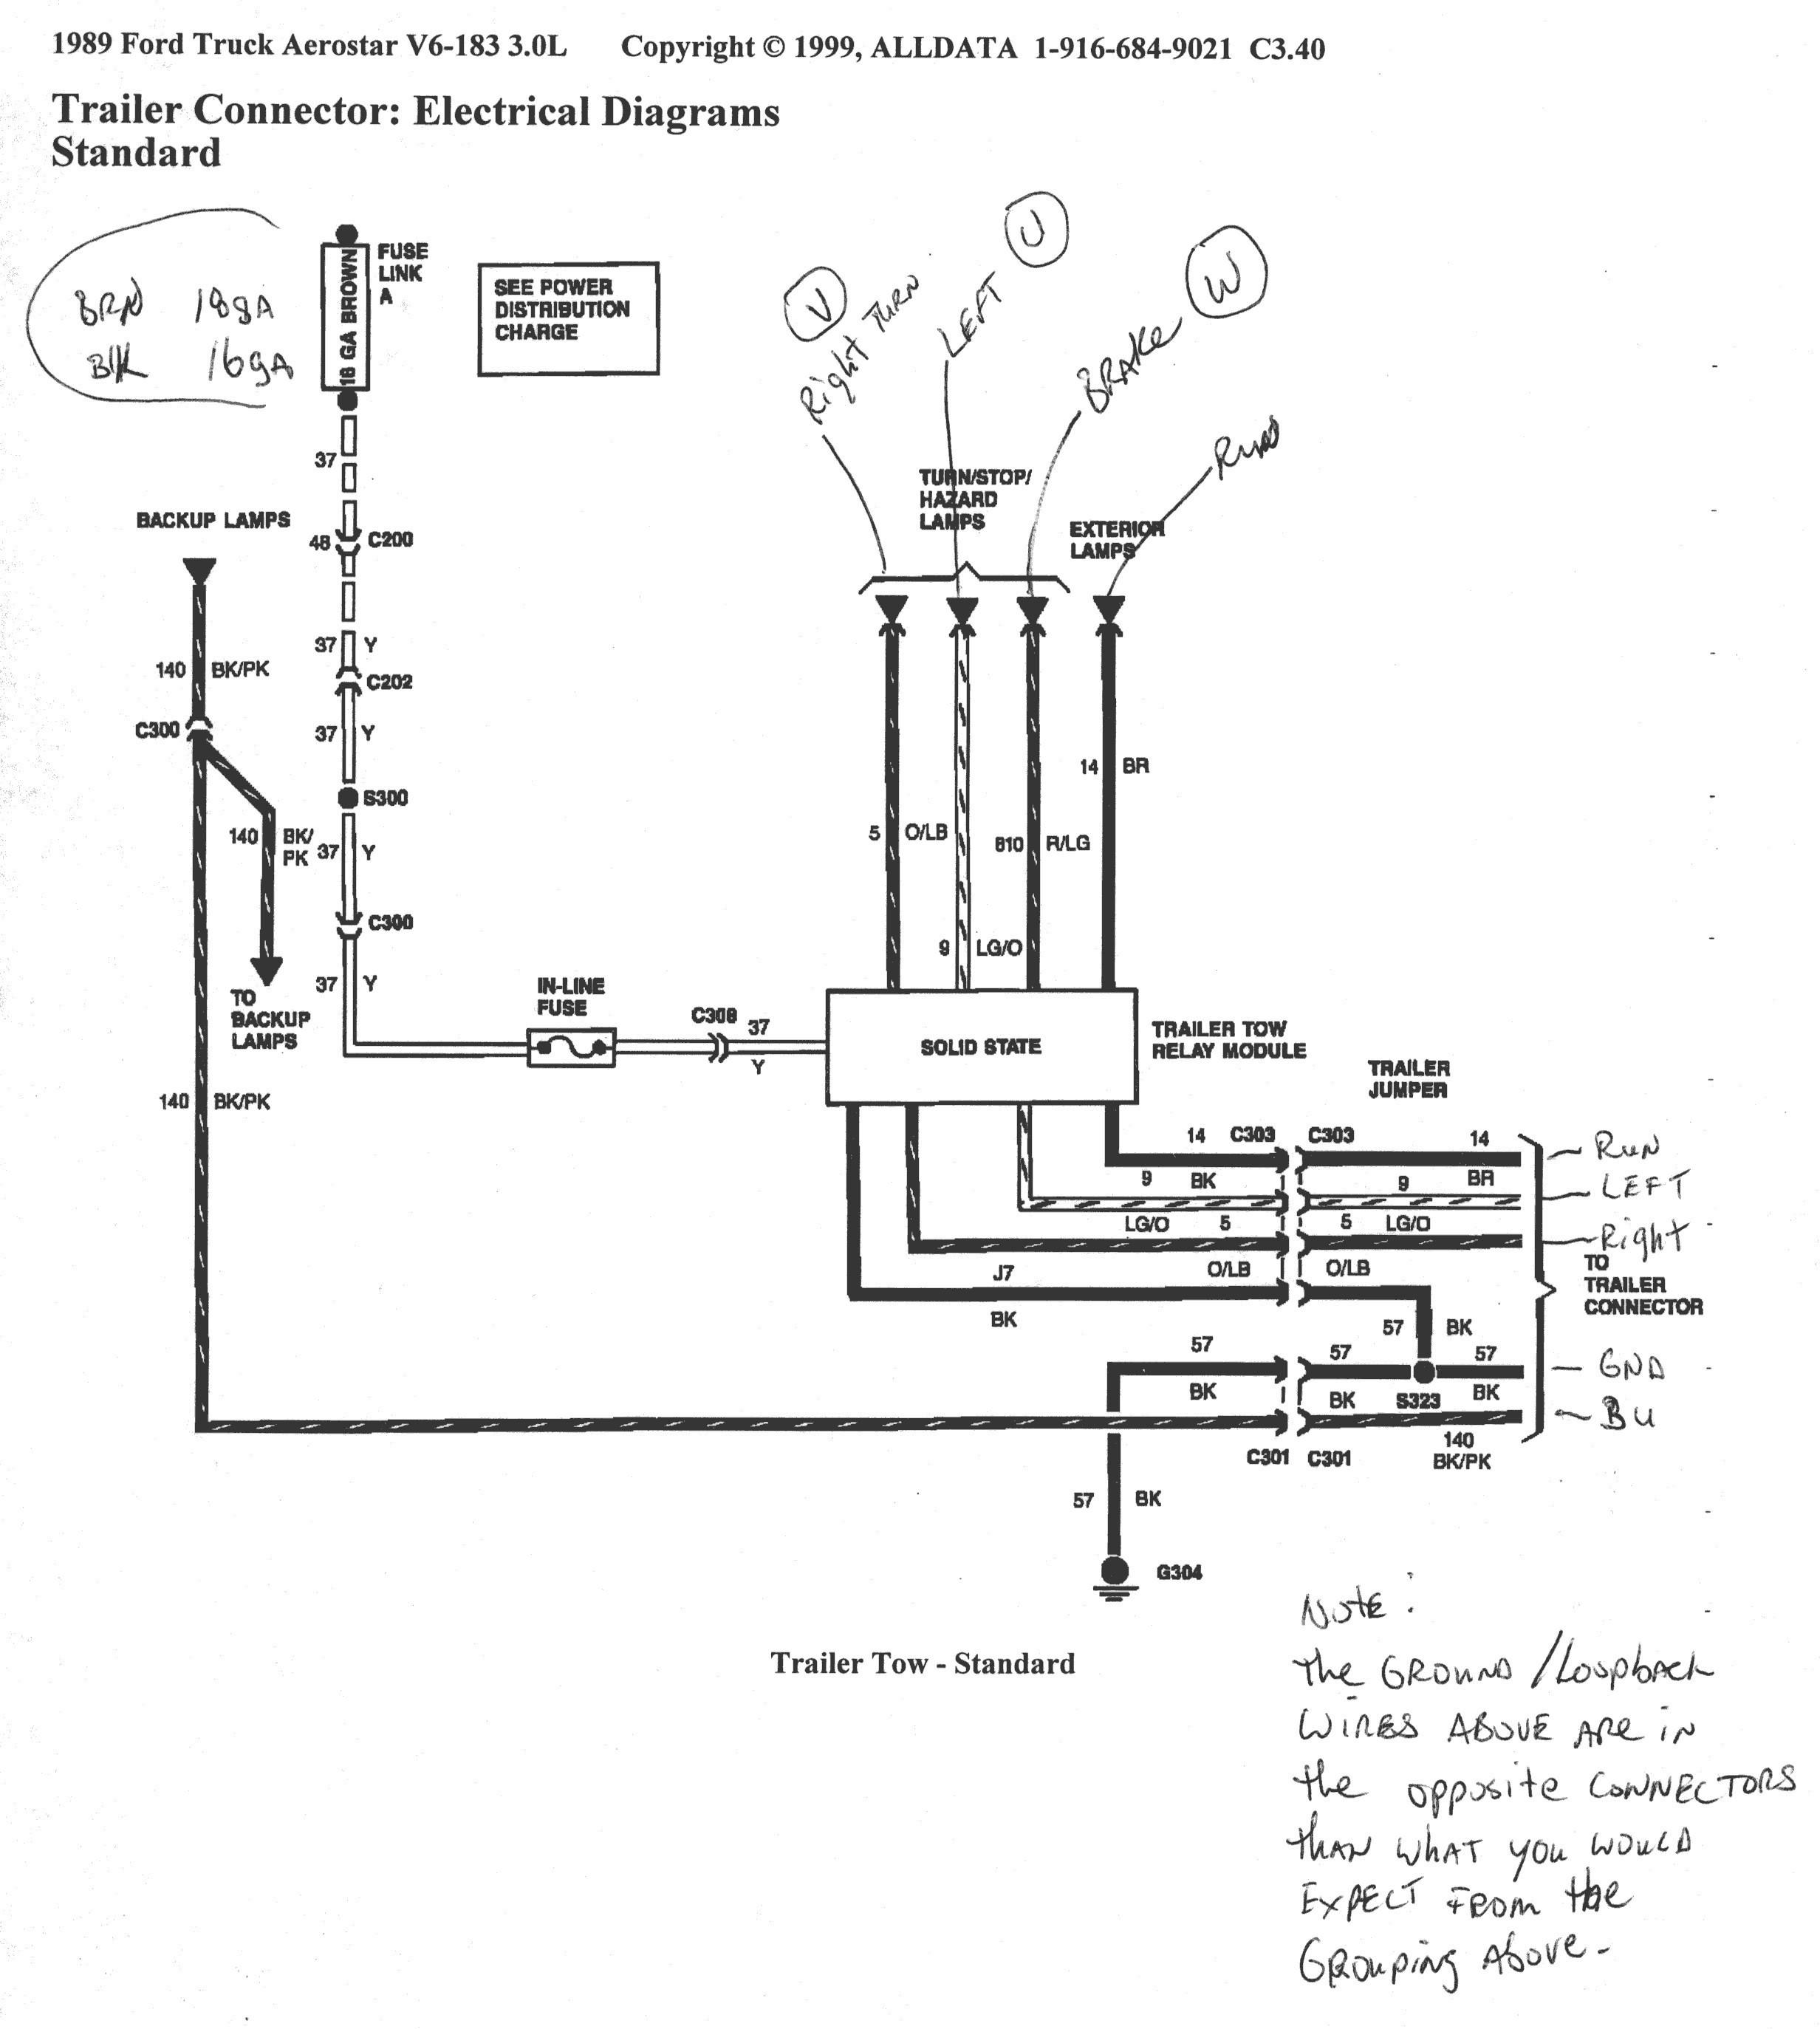 1994 Ford F150 Wiring Schematics B5 Engine Diagram Source Auto5 Citroen Wirings1 Jeanjaures37 Fr